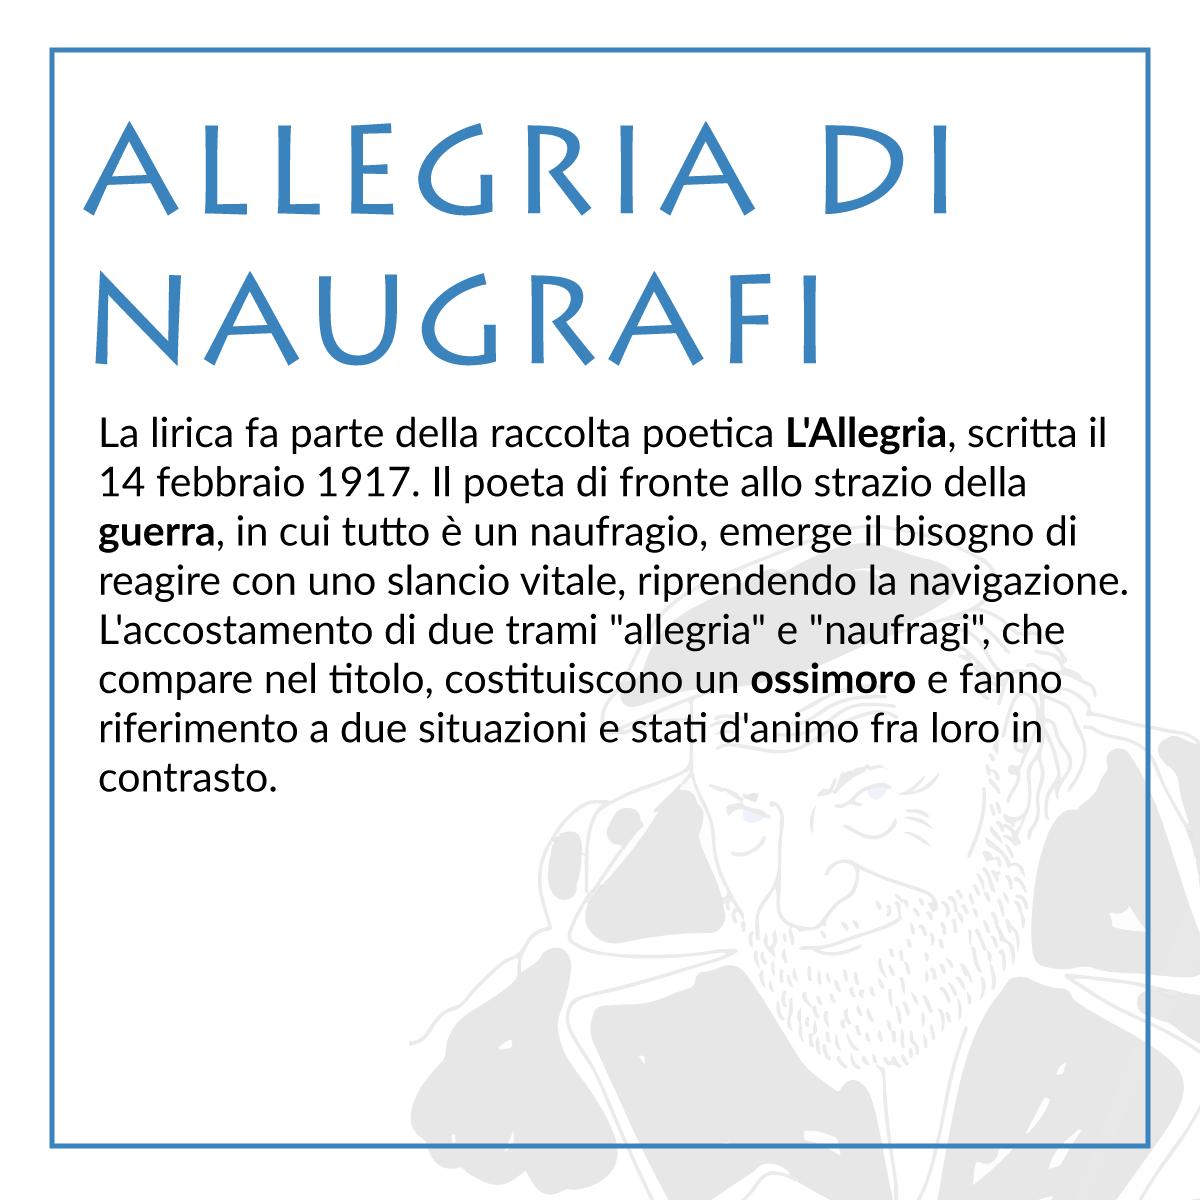 unga_allegriadinaufragi